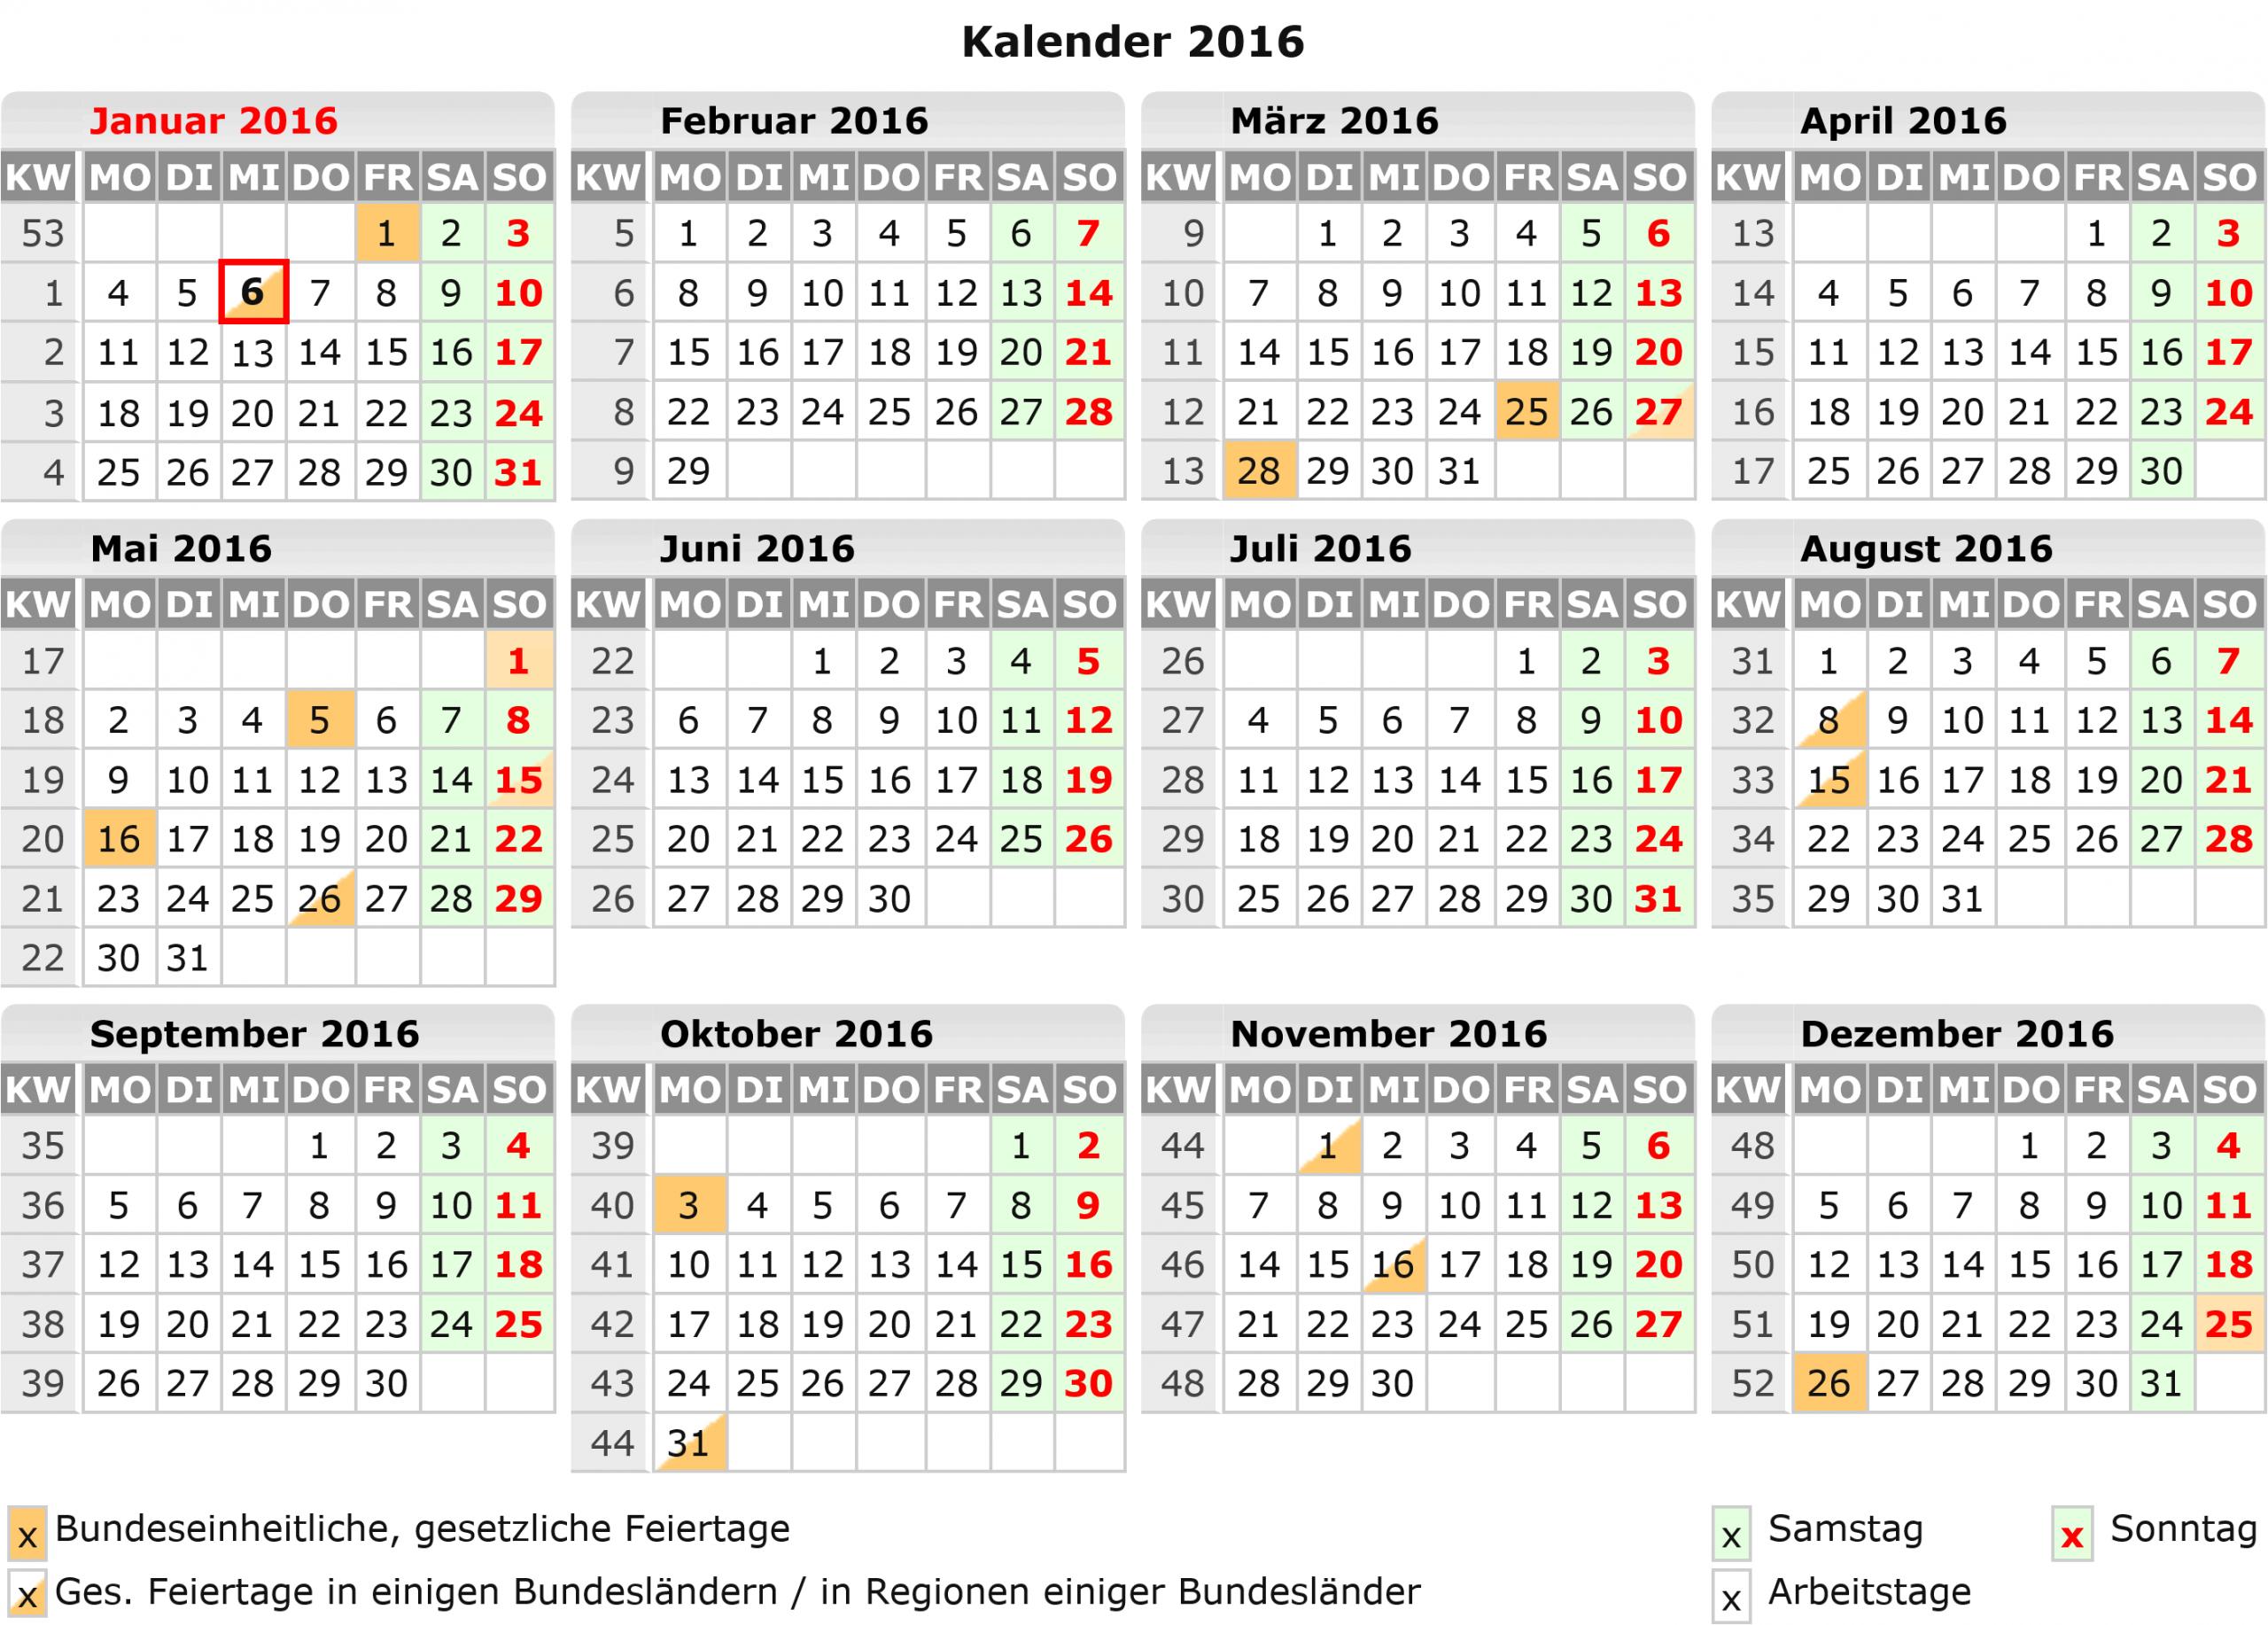 Kalender 2016 Zum Ausdrucken Kostenlos für Jahreskalender 2016 Zum Ausdrucken